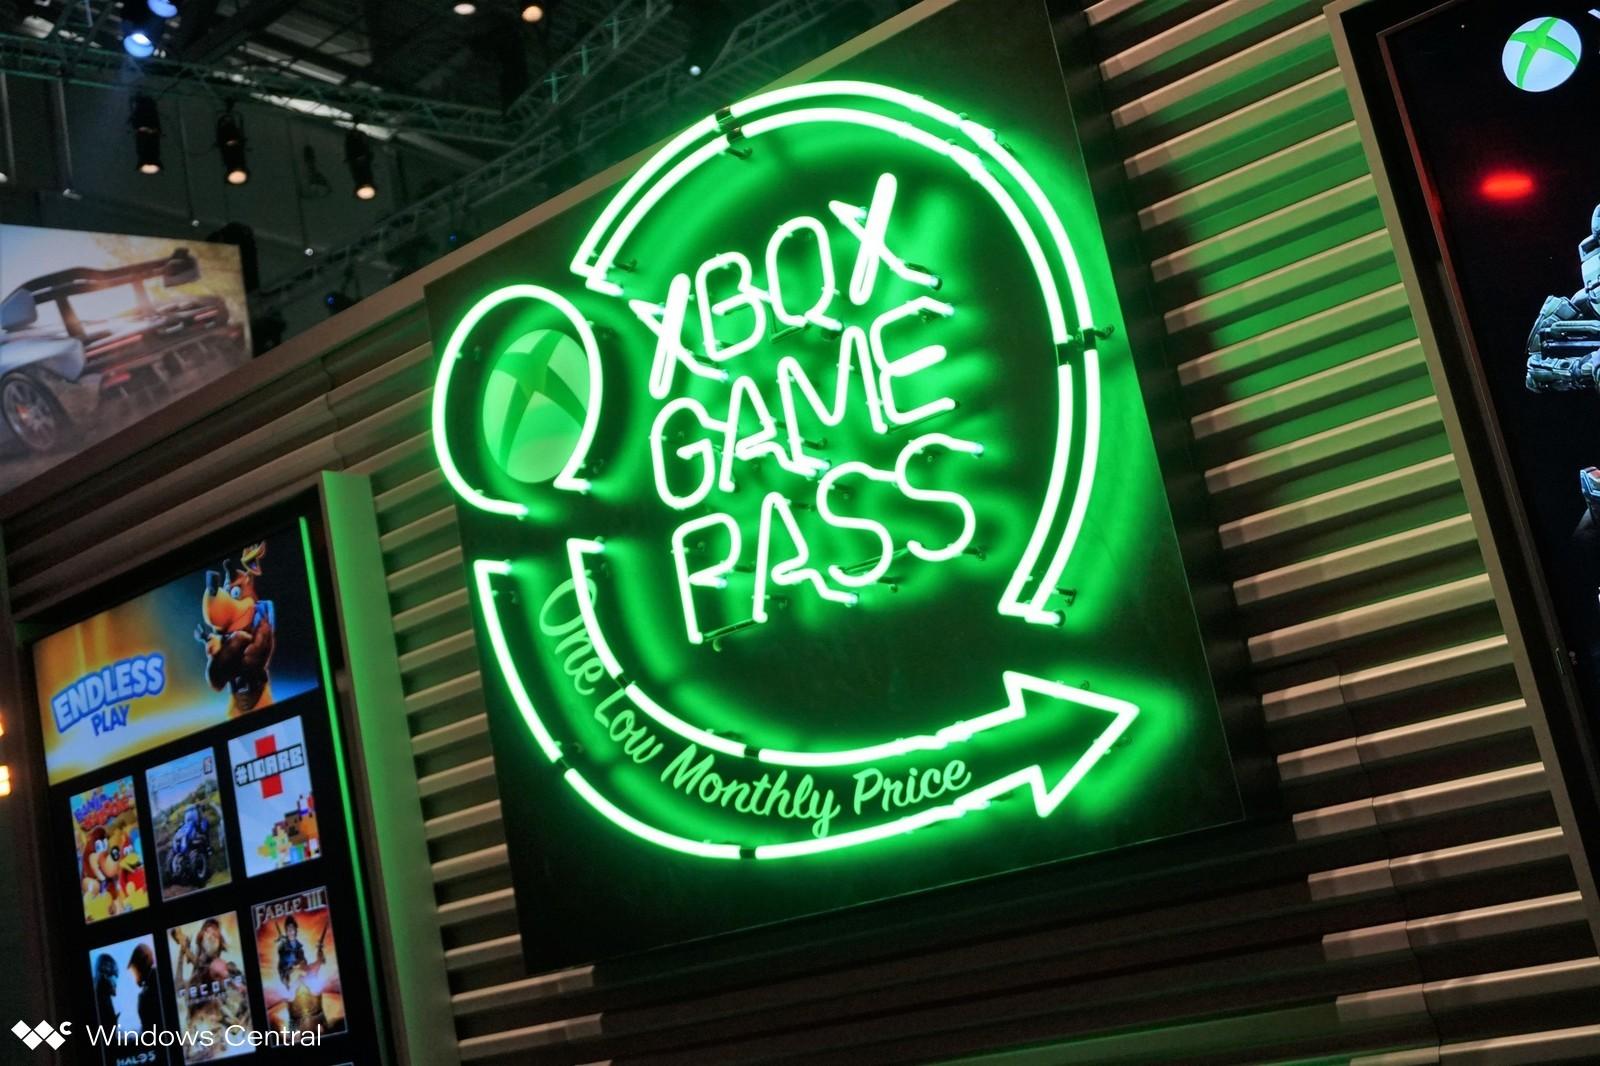 微软数据分析得出XGP对于扩大玩家数及销量帮助极大